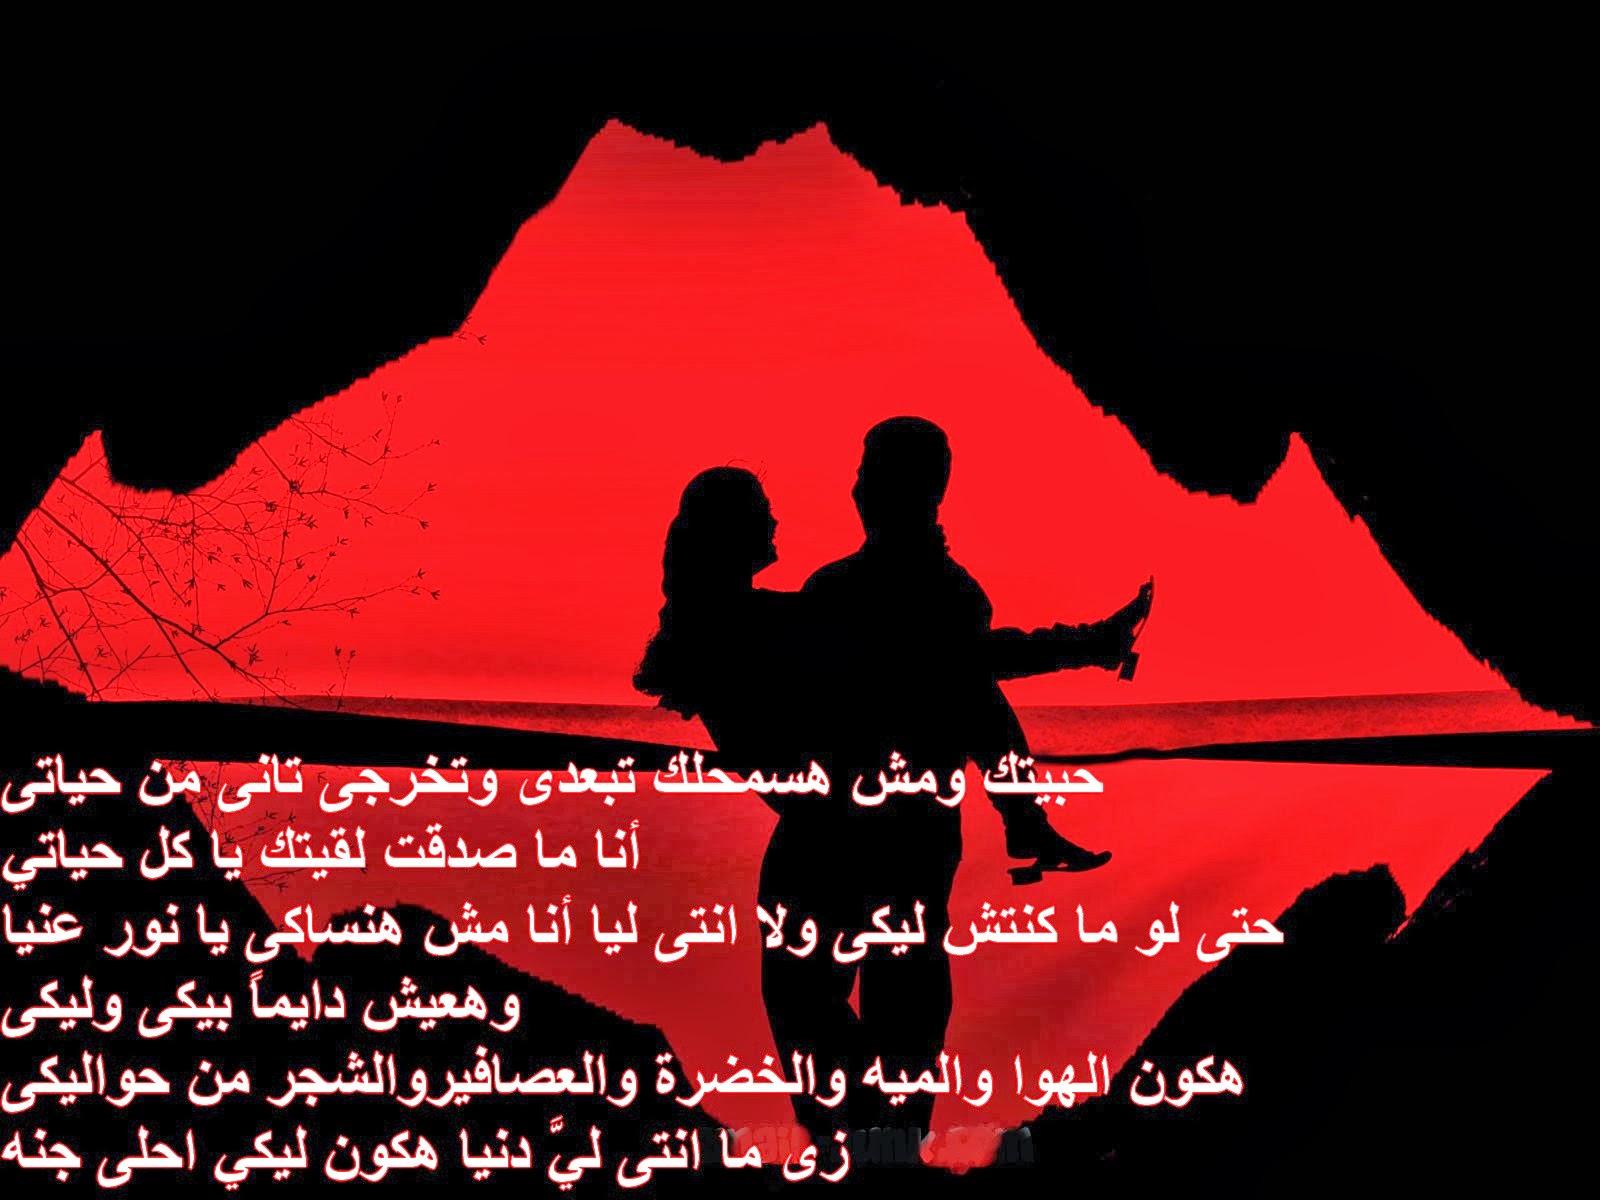 بالصور كلمات حلوه عن الحب , كلمات في الحب جميلة 3702 7